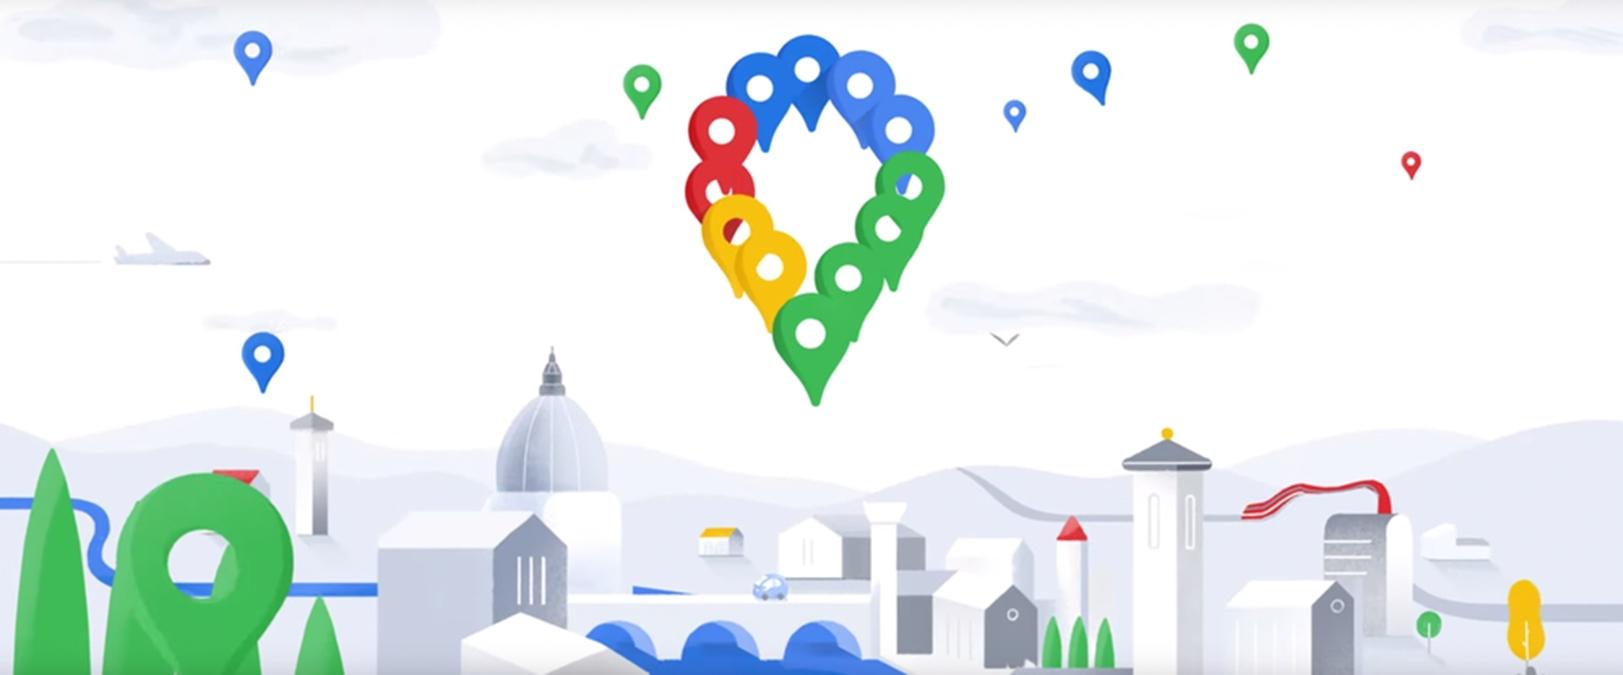 Google Mapy získávají nový design [aktualizováno]